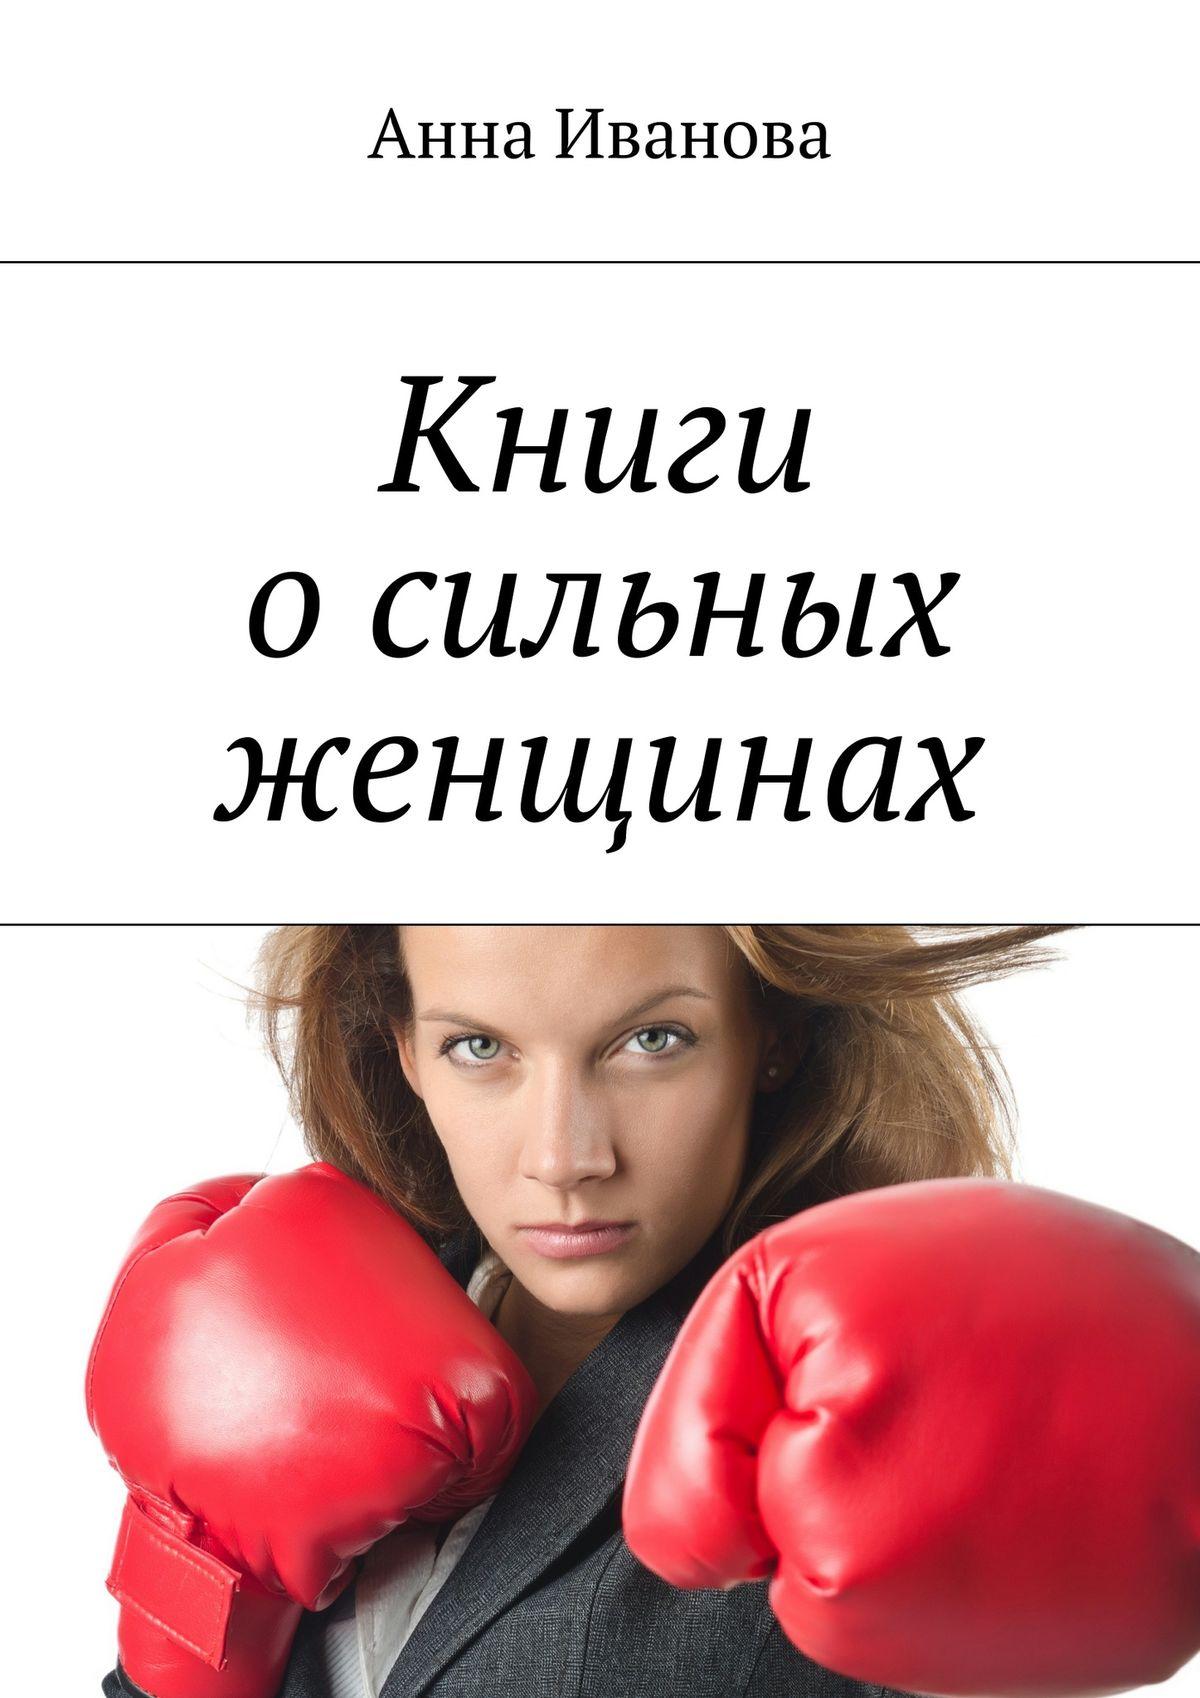 Анна Иванова Книги о сильных женщинах анна иванова книги о сильных женщинах